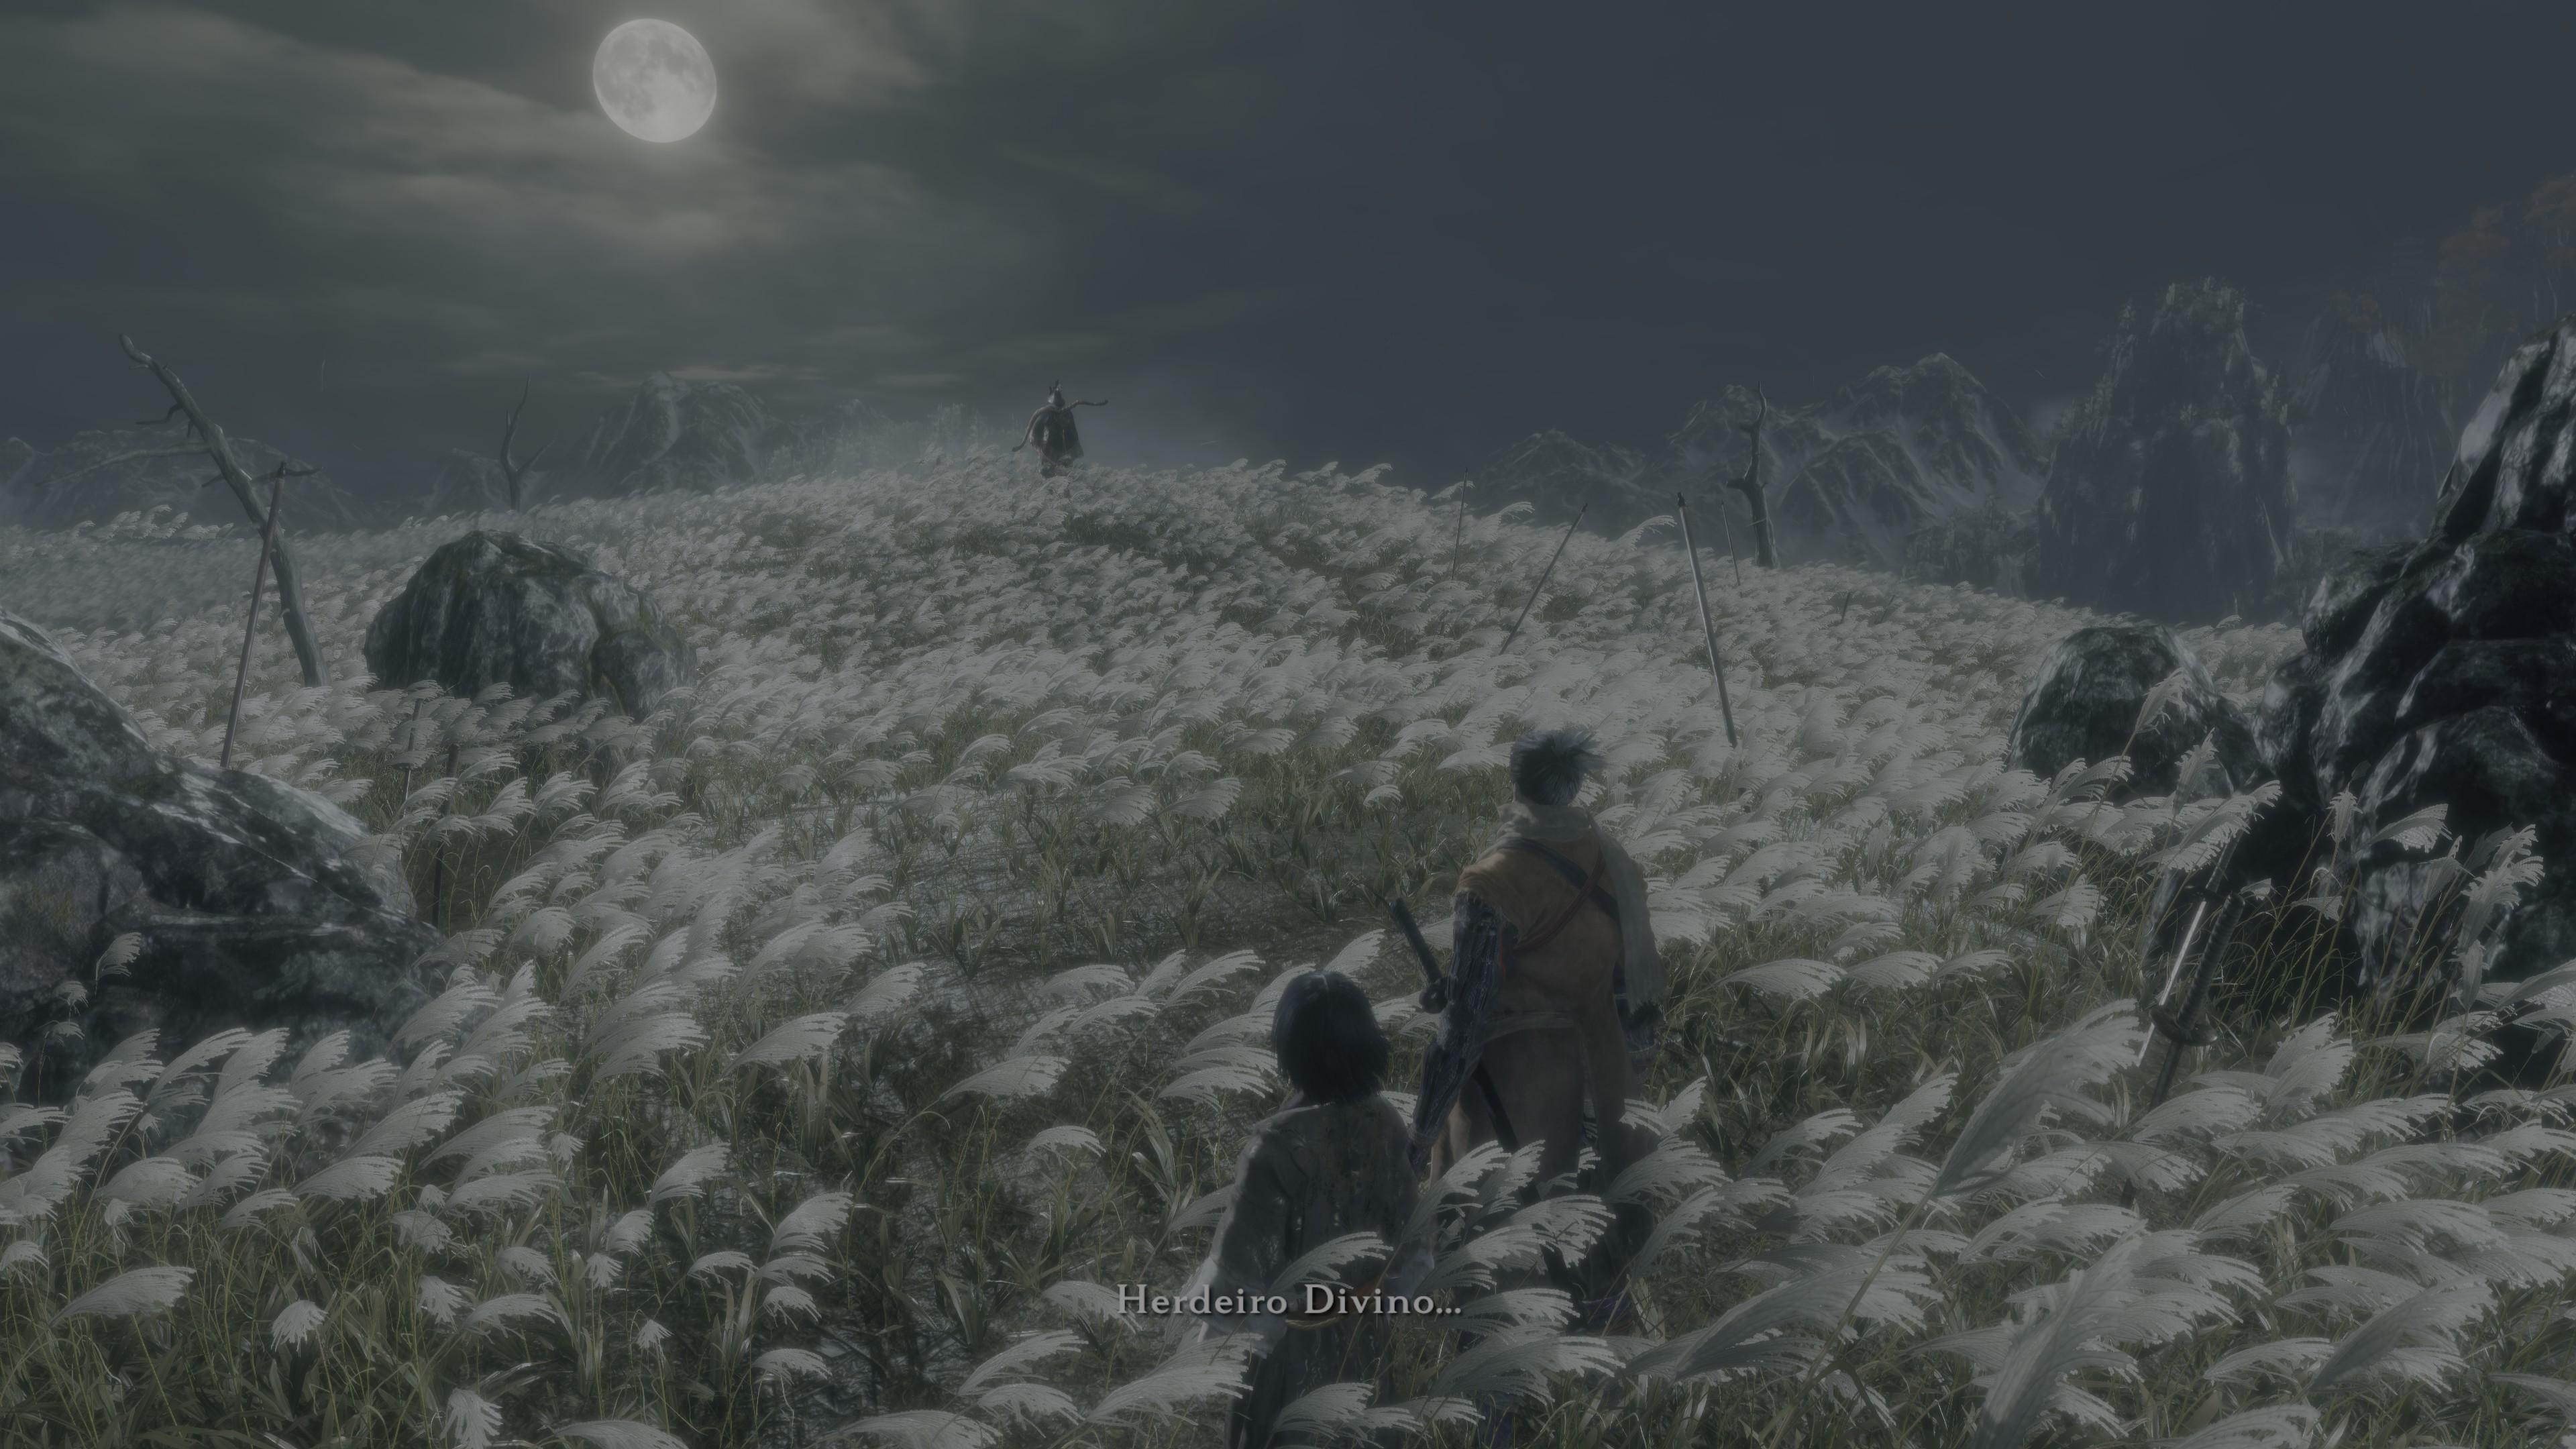 Sekiro: Shadows Die Twice [PC PS4 XONE] 9868CCF26349ACBB5BB9310D6DDD1A0CC0D16AC9